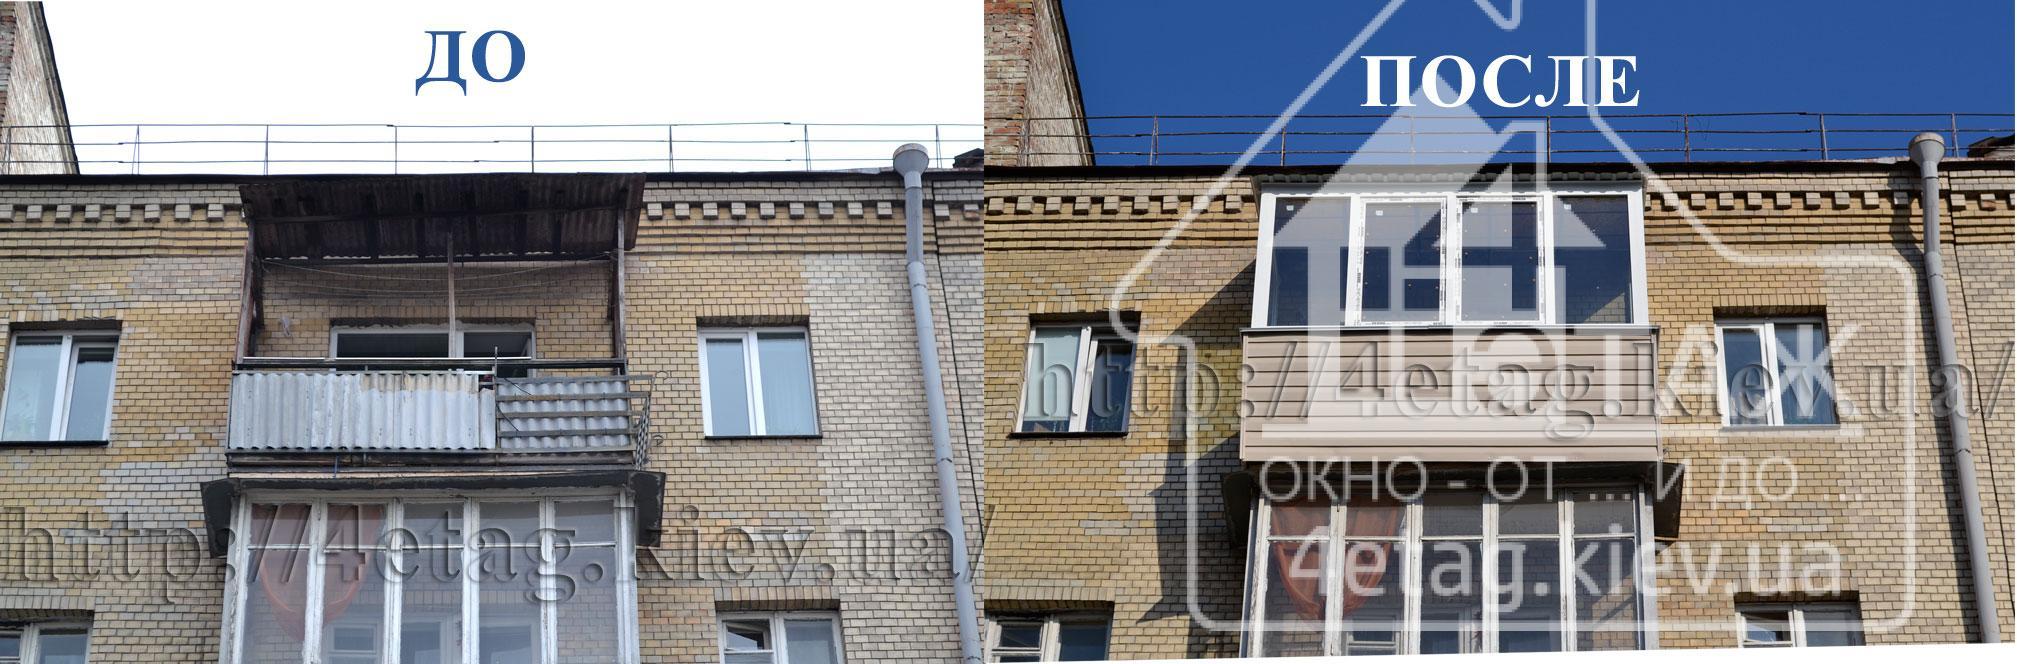 Балконы с выносом и крышей - компания 4 этаж